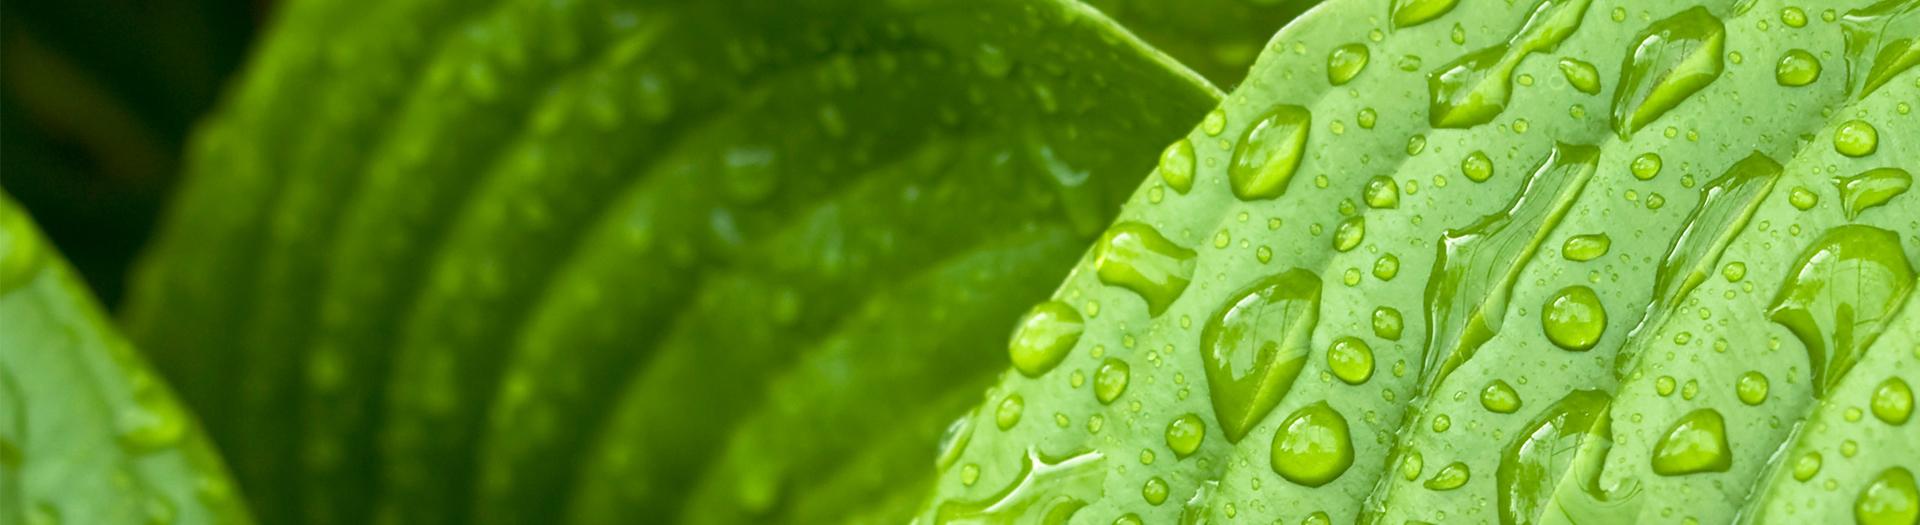 Grohe - 2. Grohe energie en waterbesparende technieken